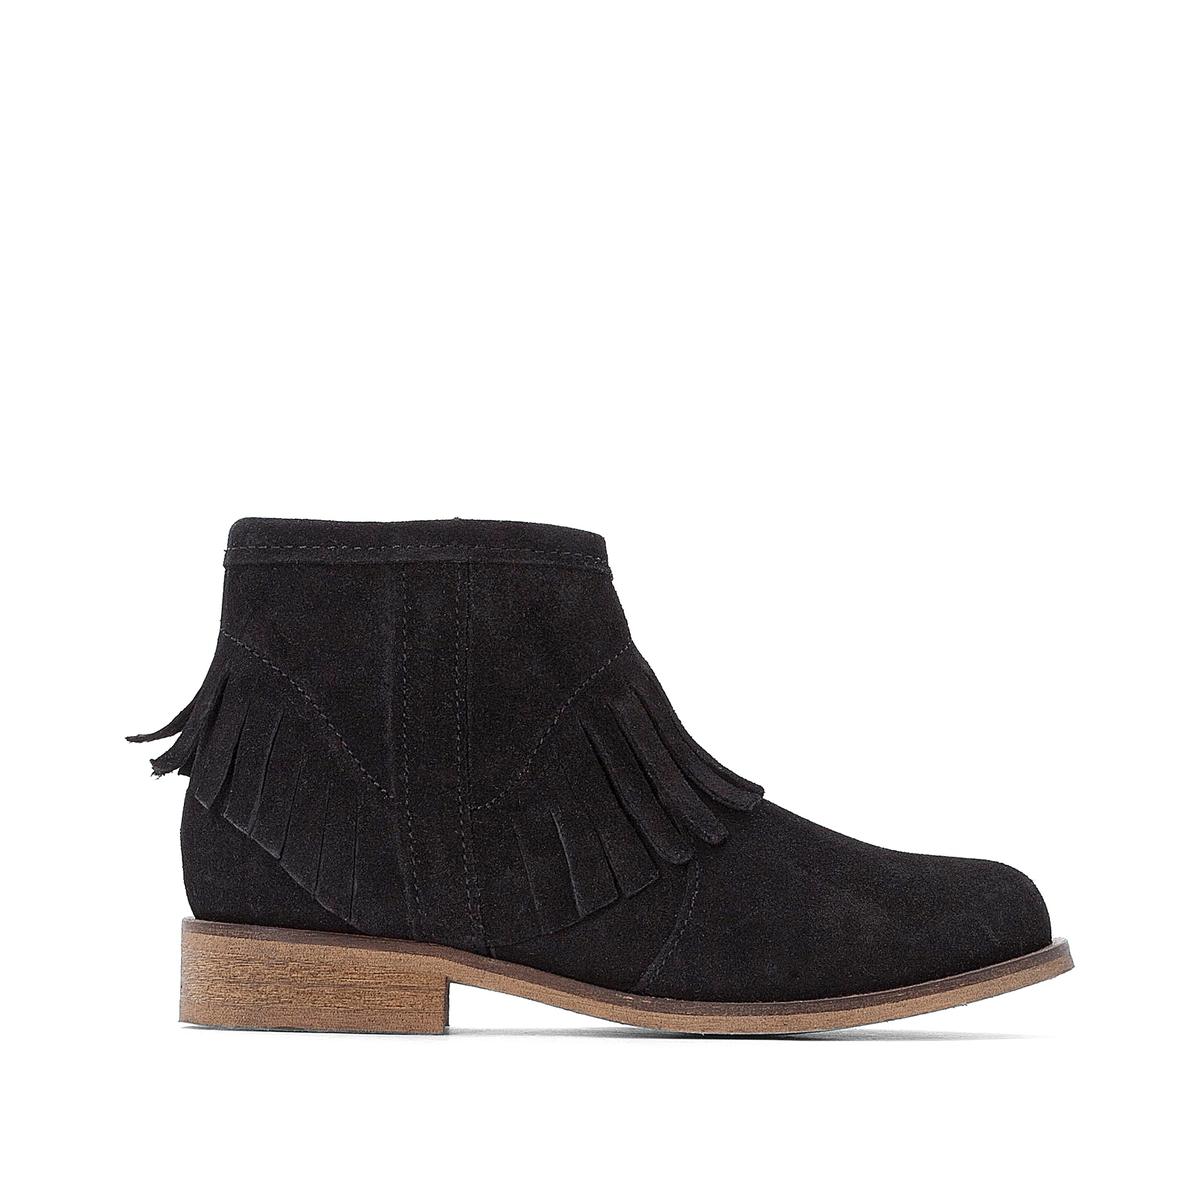 Ботинки La Redoute Кожаные с бахромой - 39 черный